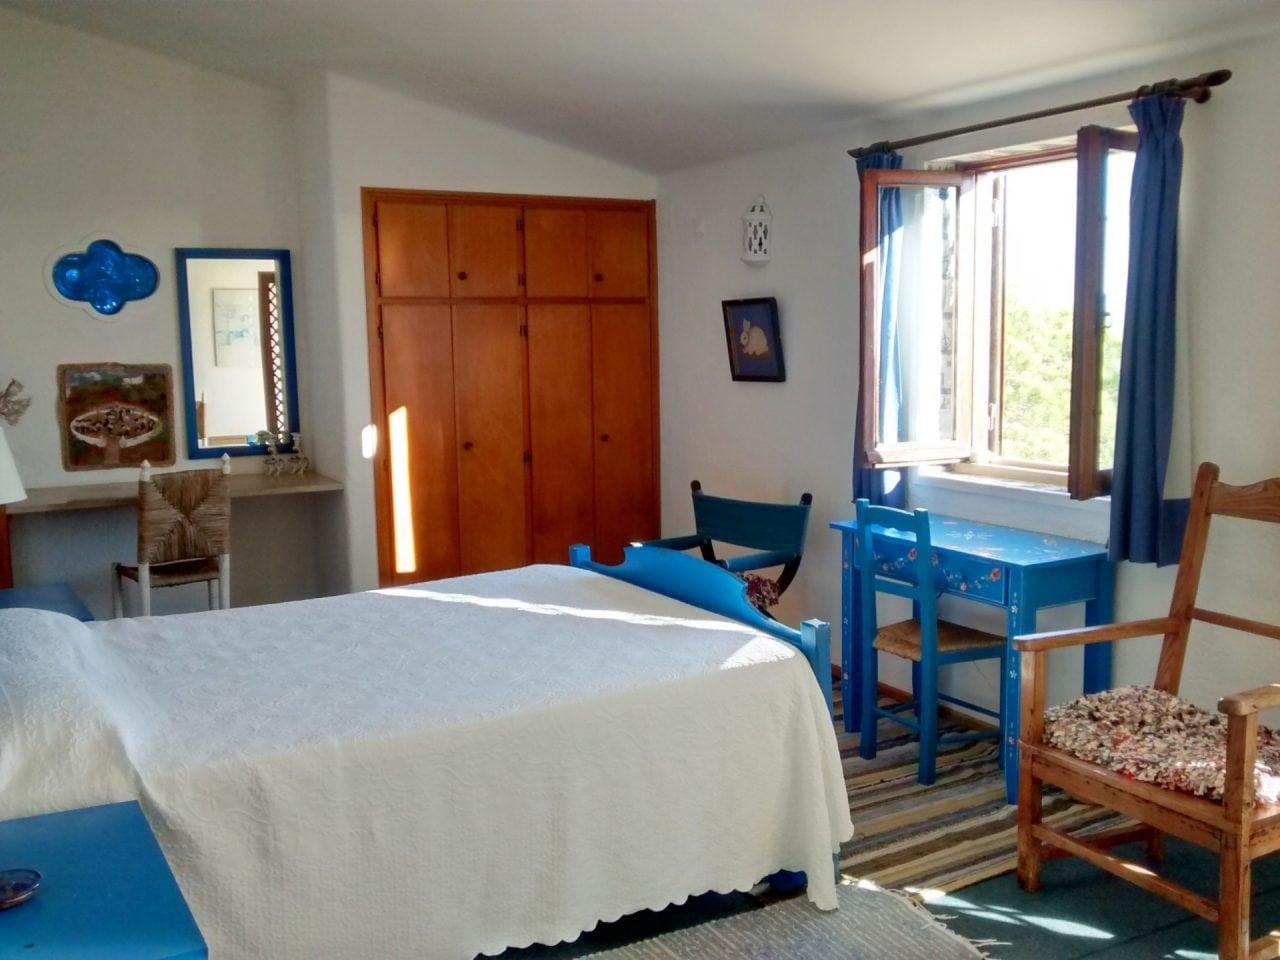 Casa-ao-Pescareza-Praia-da-Luz5